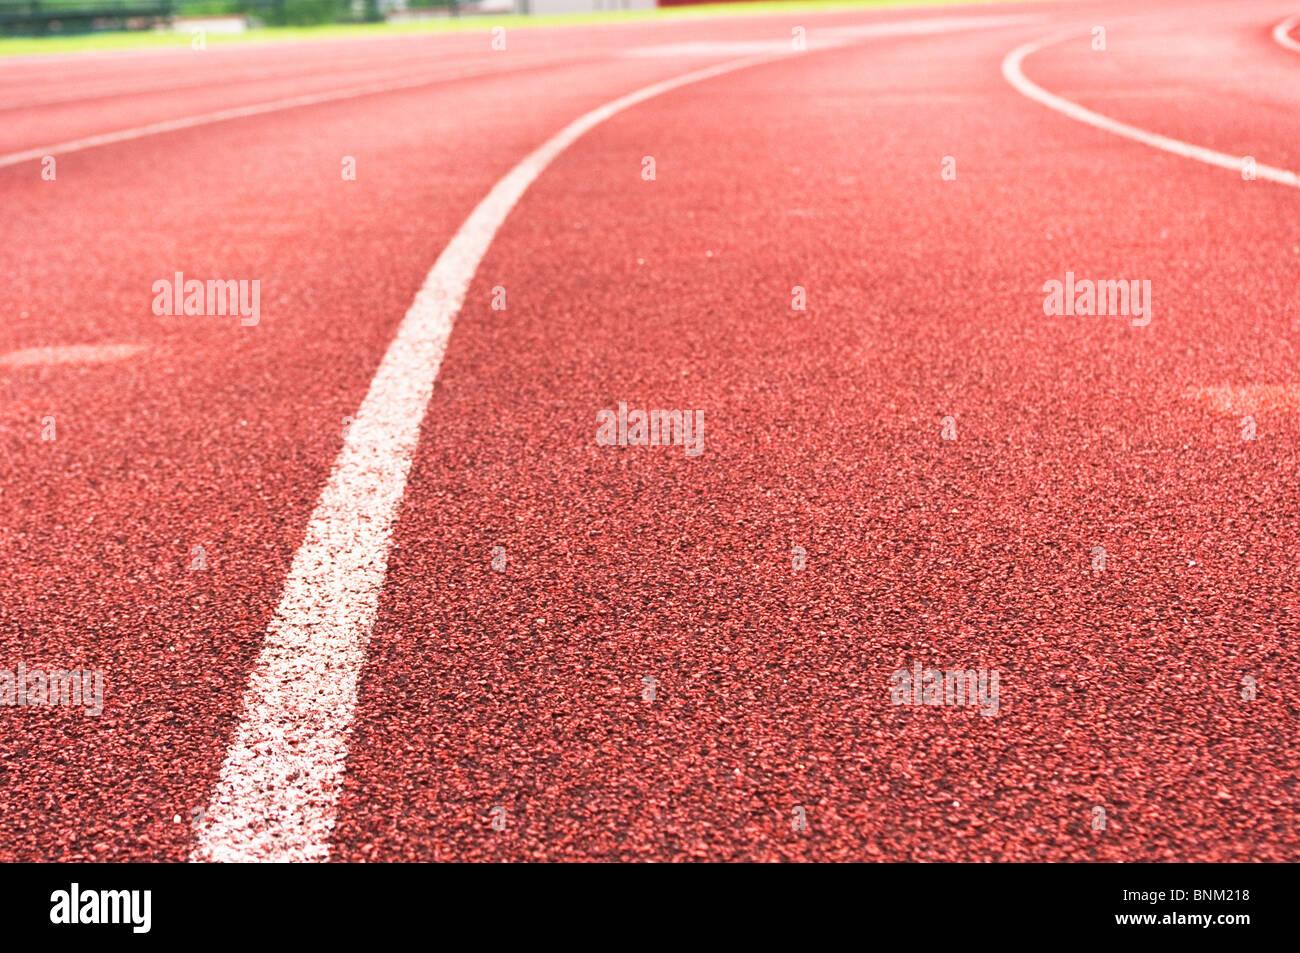 Pista de atletismo, deportes o el concepto de fondo. Imagen De Stock